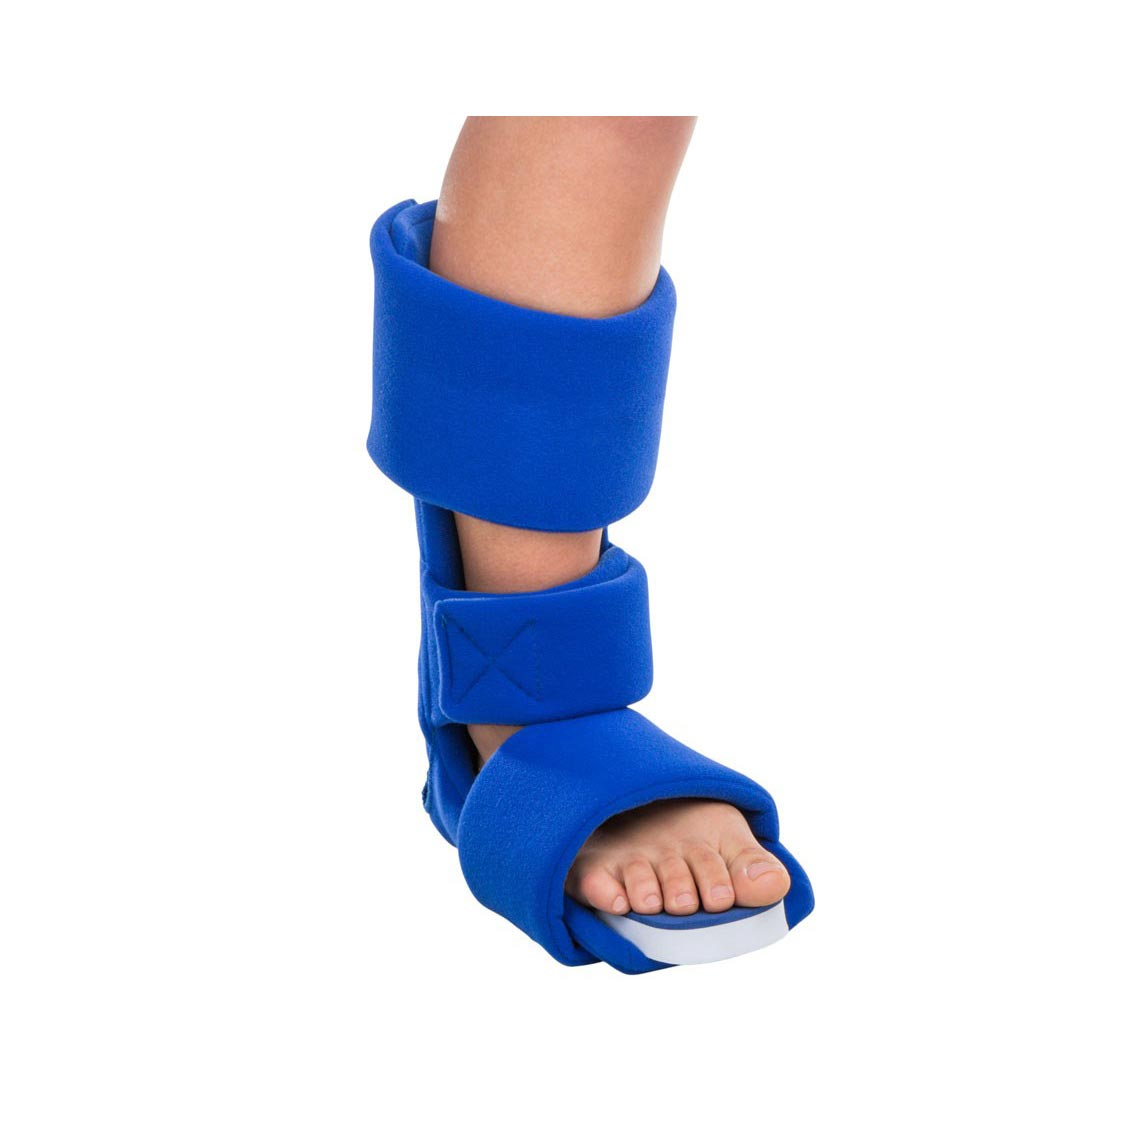 DJO Foam Left or Right Foot Night Splint, Large